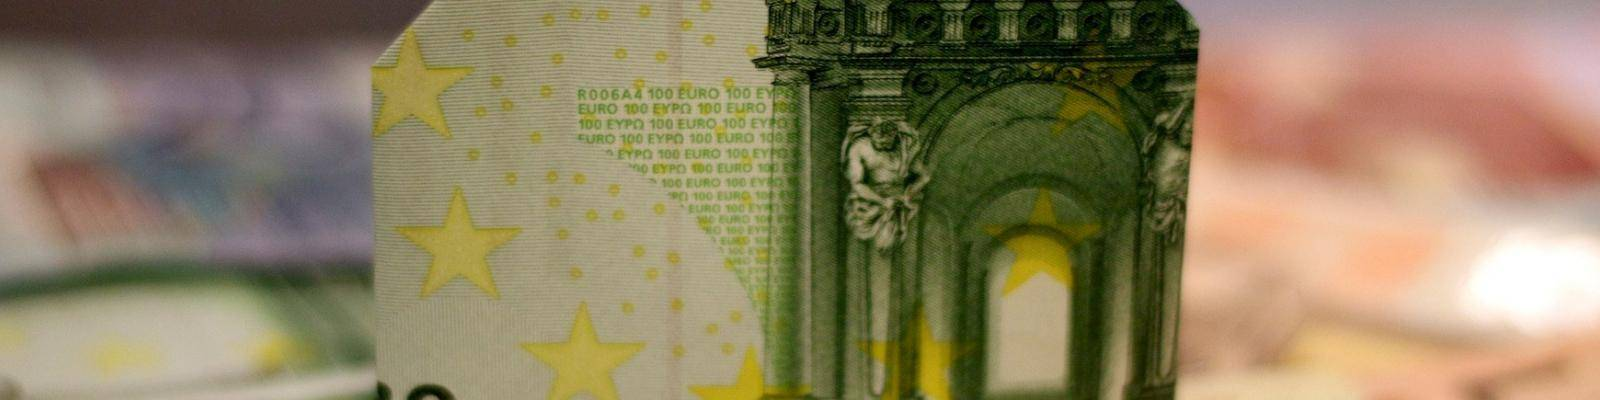 Briefgeld 100 euro